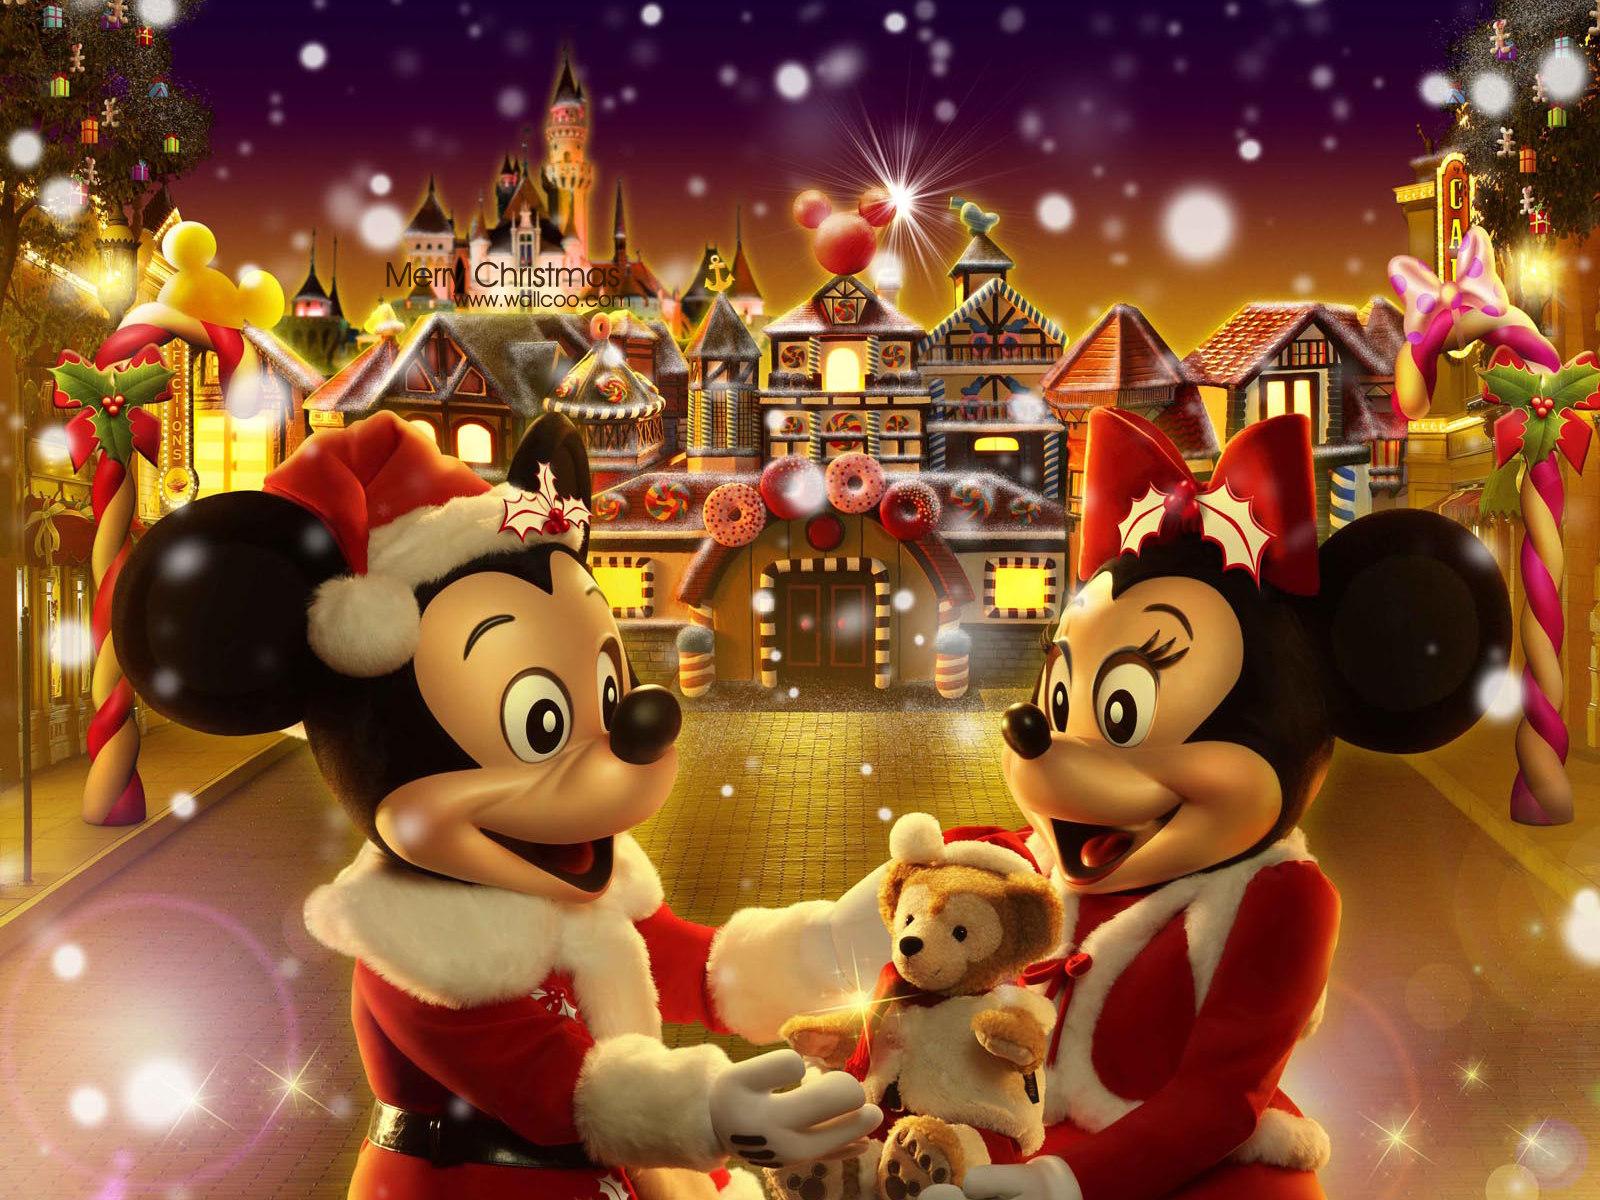 wallcoonetholidayHong Kong Disneyland Christmas Fantasywallpapers 1600x1200